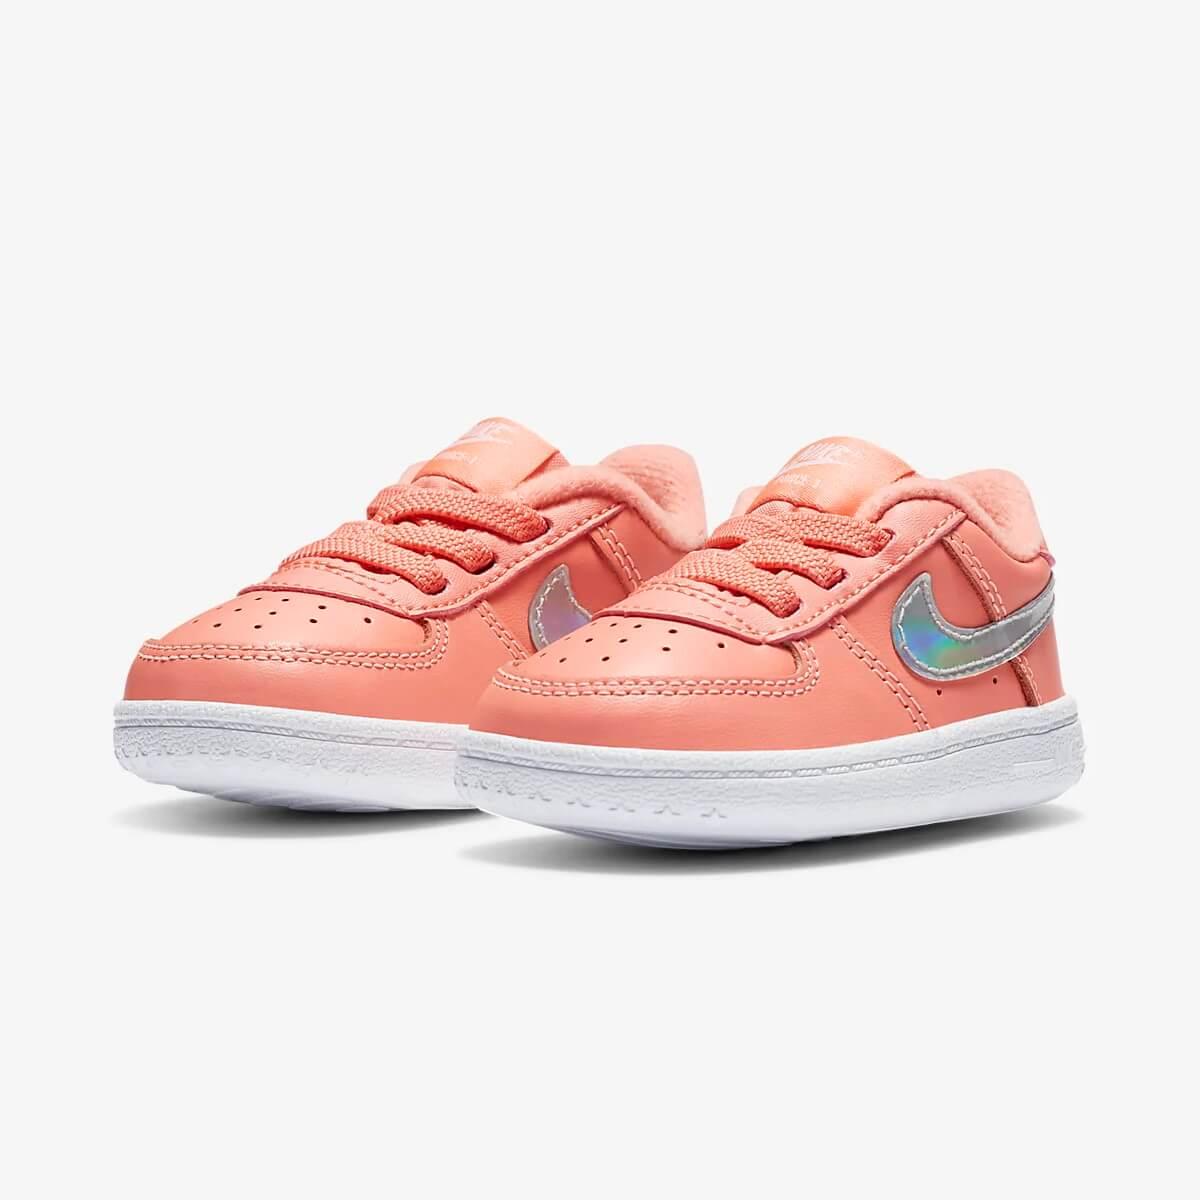 Scarpine Nike per neonato personalizzate